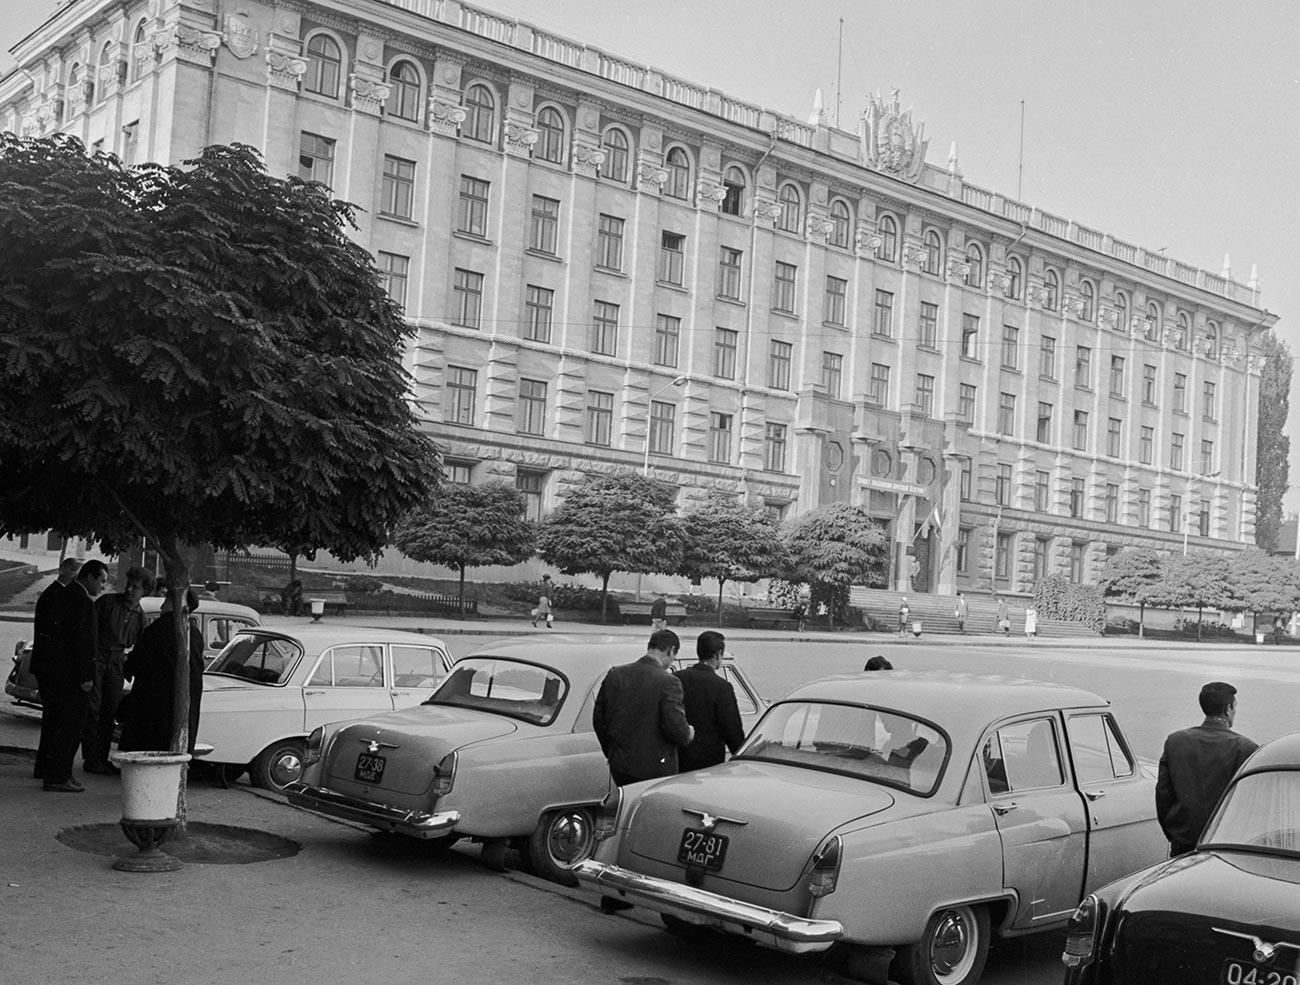 Здание Академии наук Молдавской ССР в Кишиневе, 1966